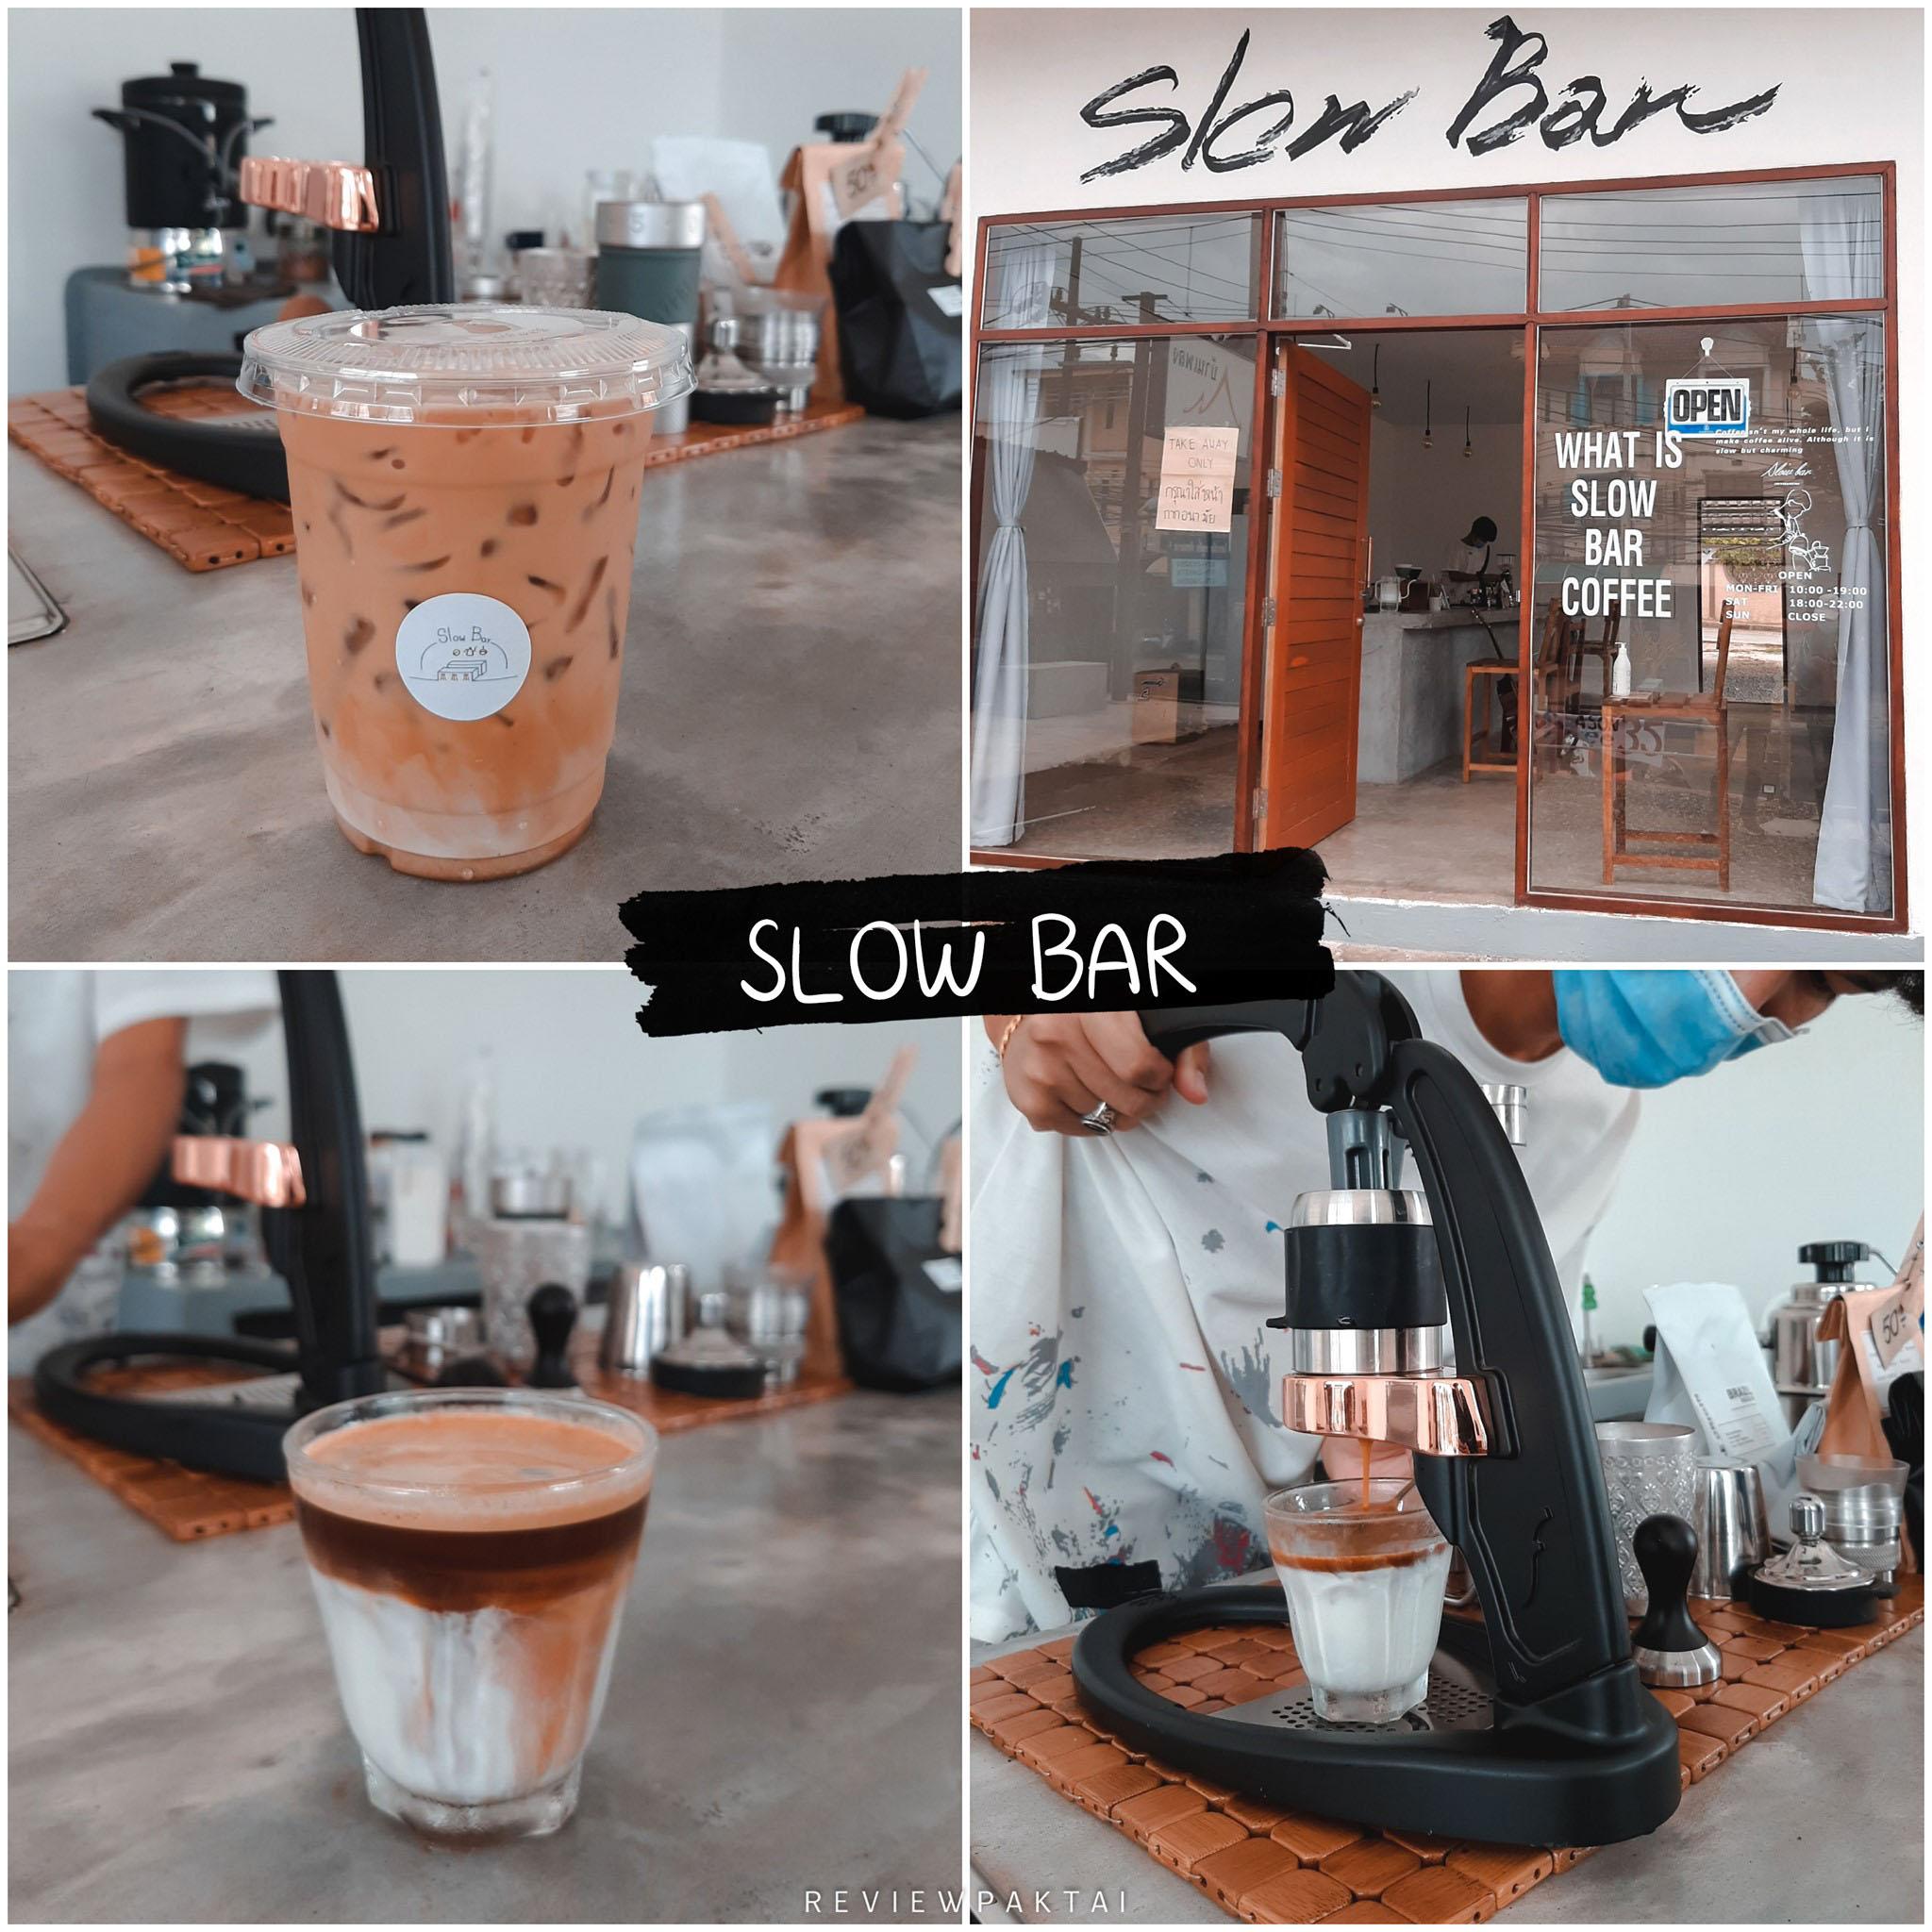 เจอกัน-slow-bar ร้าน-คาเฟ่ภูเก็ต--กาแฟรสชาติดี-ร้านโทนสีขาวน่านั่งเย็นตา-บรรยากาศร้านดีมวากกก-10/10 ร้านกาแฟที่ไม่มี-machine-ชงกับมือทุกอย่าง-มีความพิถีพิถันในการชง-กาแฟรสชาติดีร้านมีDirty-กาแฟนมที่ผู้ชงเปรียบเหมือนศิลปิน-ผู้คนคือผู้เยี่ยมชมและดื่มด่ำศิลปะ-ถ้านมสดเย็นสีขาวบริสุทธิ์เปรียบเหมือน-ผ้าสีขาว-รอให้บาริสต้าใช้ลีลาและท่วงท่ากดช็อตเอสเพรสโซลงไปวาดลงและริ้วรอยที่สวยงามแล้วแต่กาแฟและนมจะพาไปร้านตกแต่งด้้วยโทนสีขาว-เย็นตา-บรรยากาศดีมาก ภูเก็ต,คาเฟ่,ที่เที่ยว,ร้านกาแฟ,เด็ด,อร่อย,ต้องลอง